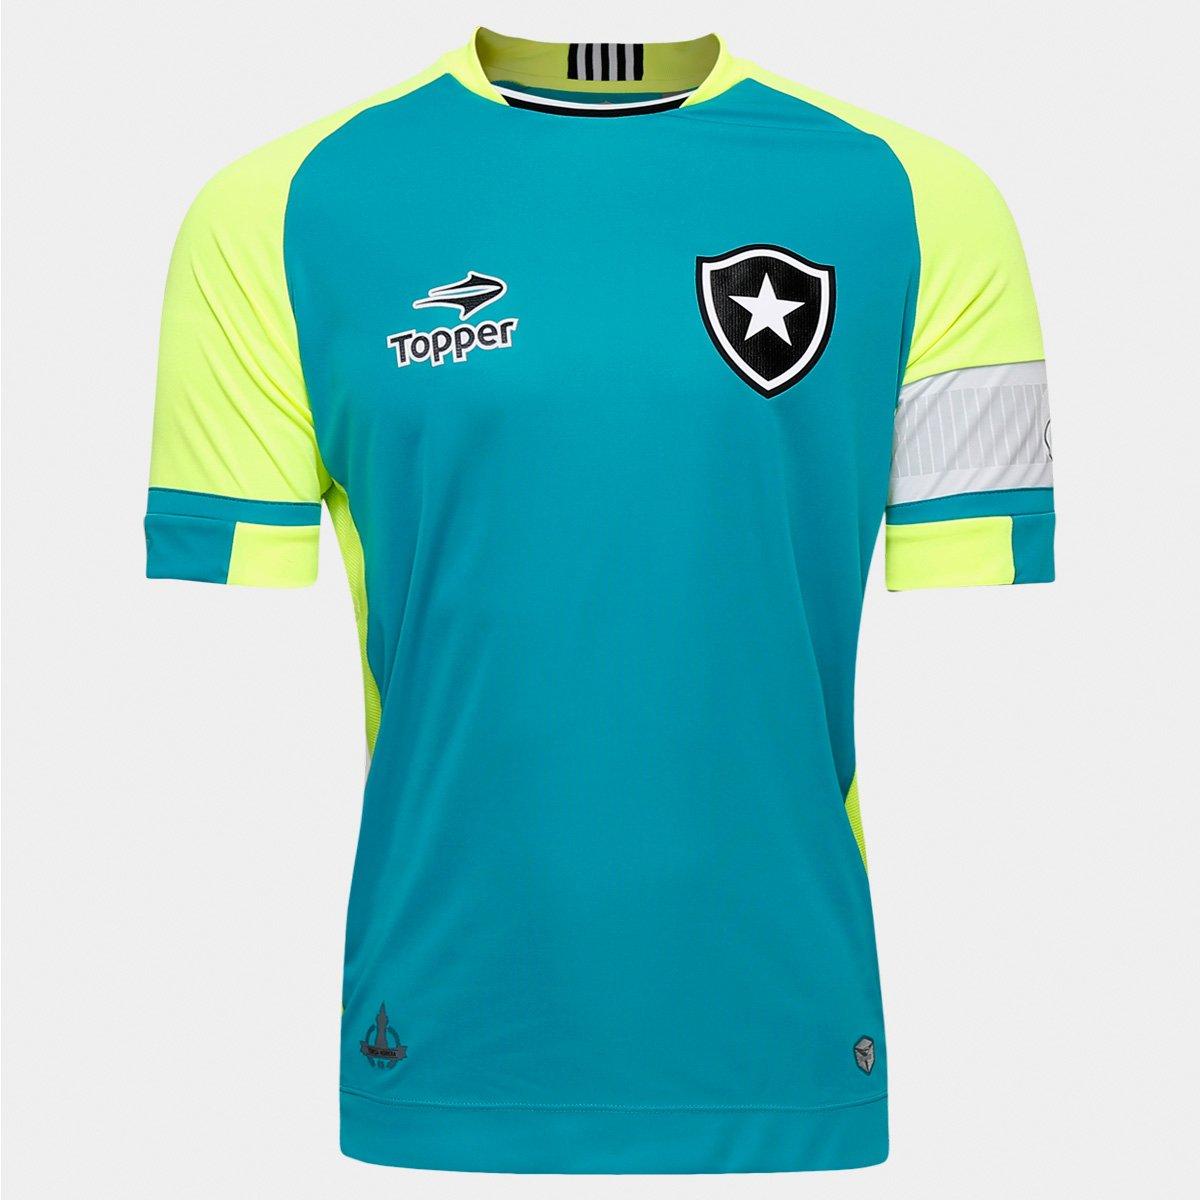 Camisa Topper Botafogo Goleiro 2016 s nº - Jefferson - Compre Agora ... 3372da7f010